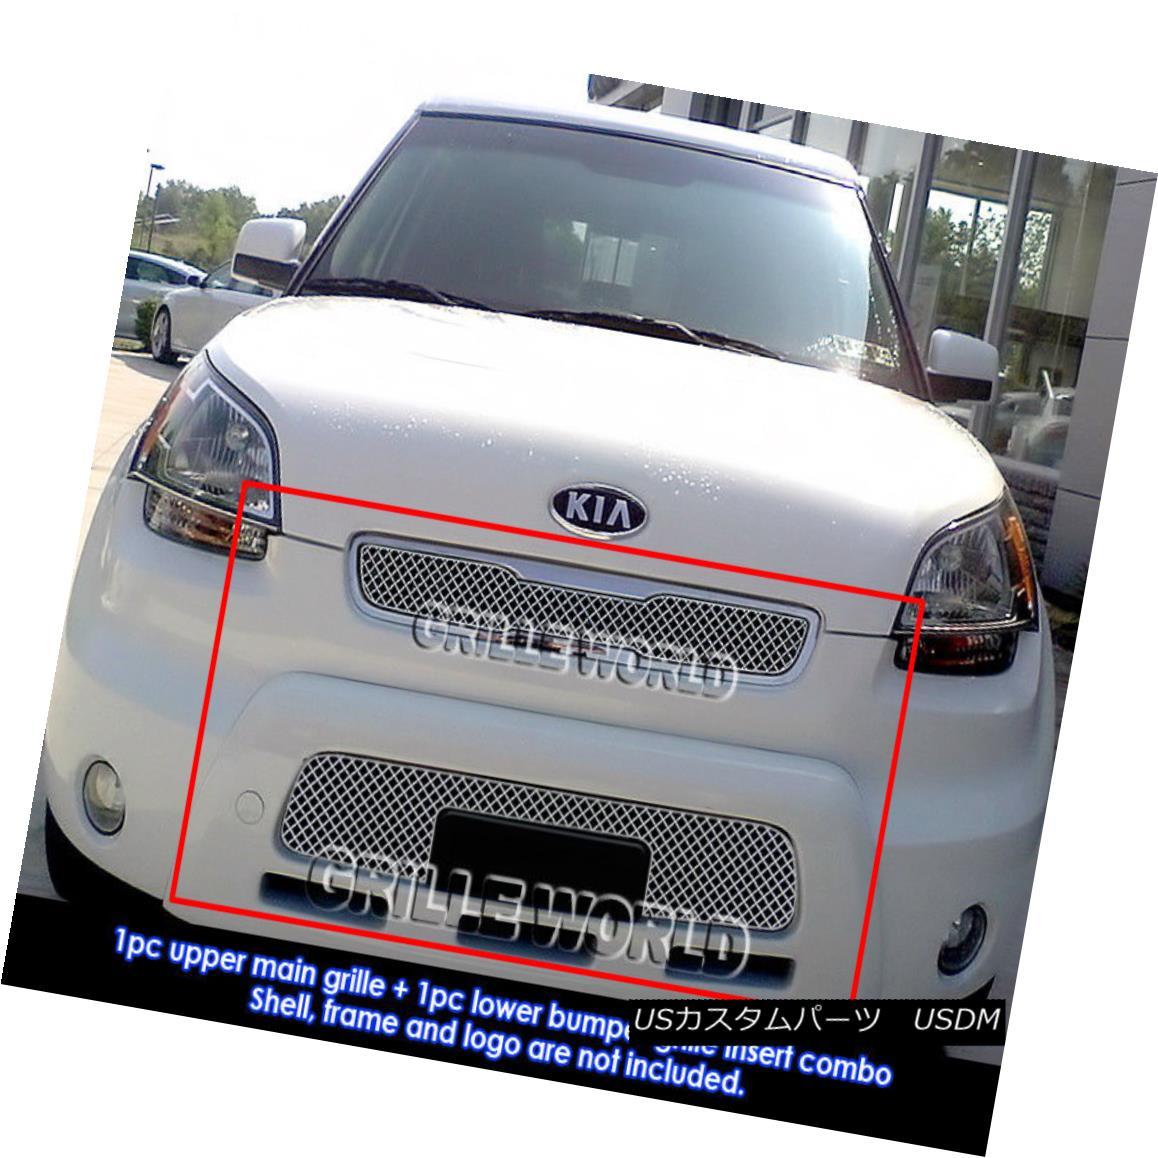 グリル Fits 2010-2011 Kia Soul Stainless Steel Mesh Grille Grill Insert Combo 2010-2011年にフィットKia Soulステンレスメッシュグリルグリルインサートコンボ